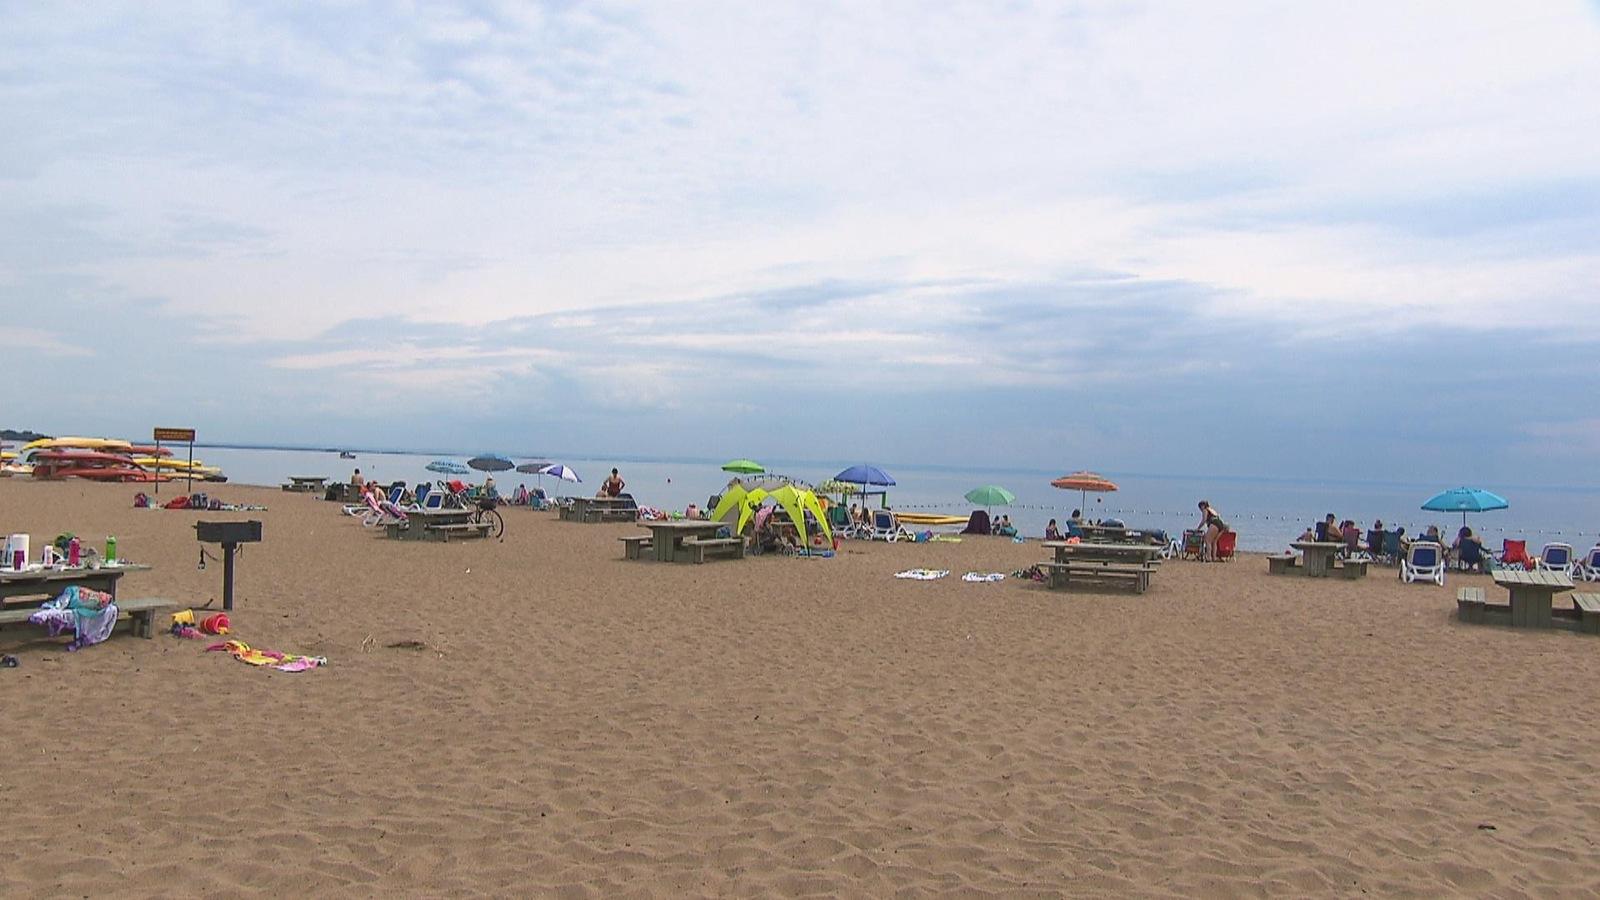 Plusieurs personnes se trouvent sur une longue plage. On peut voir le lac Saint-Jean en arrière plan.